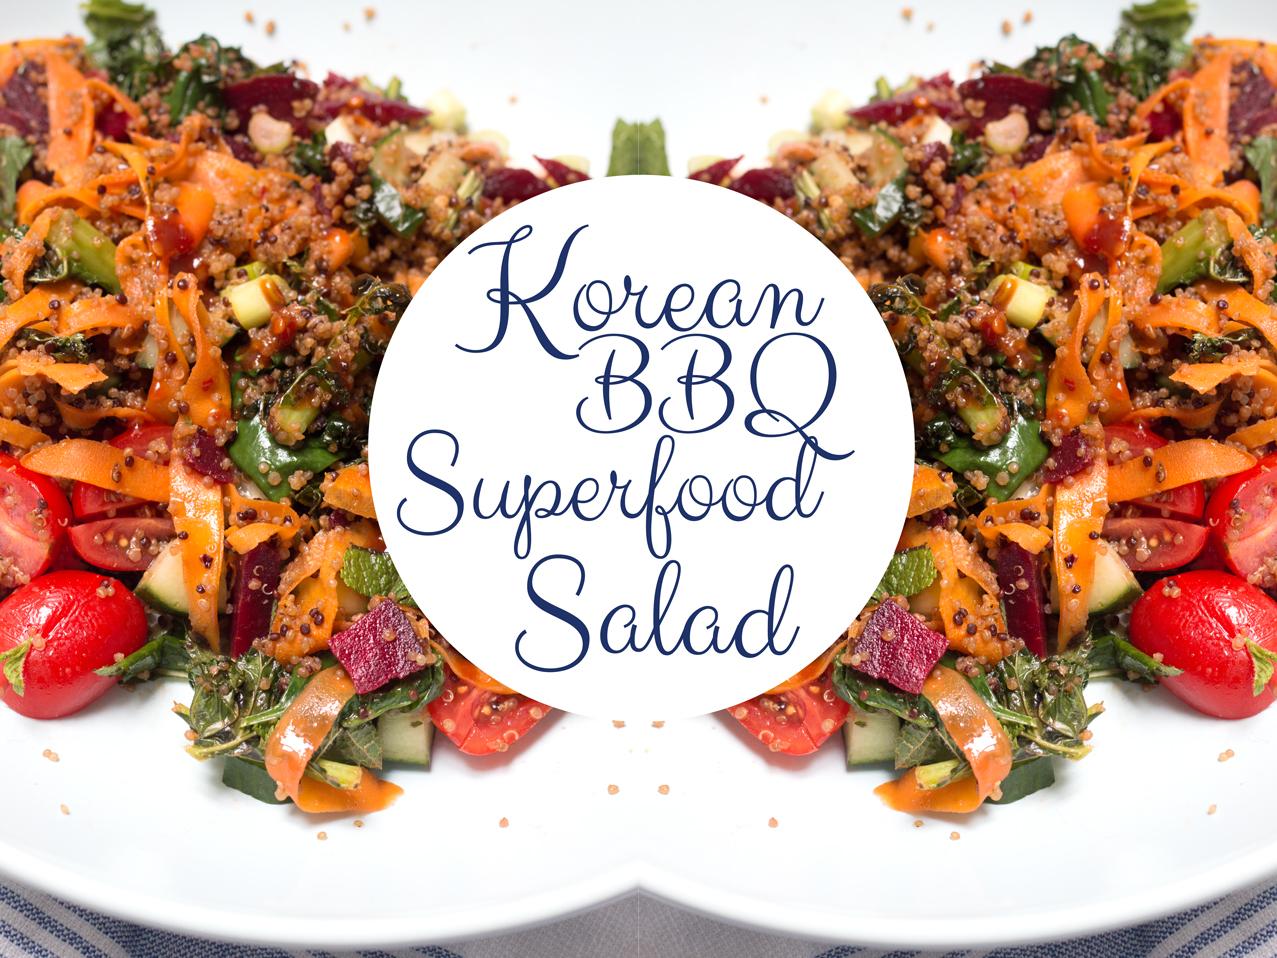 KOREAN BBQ SUPERFOOD SALAD